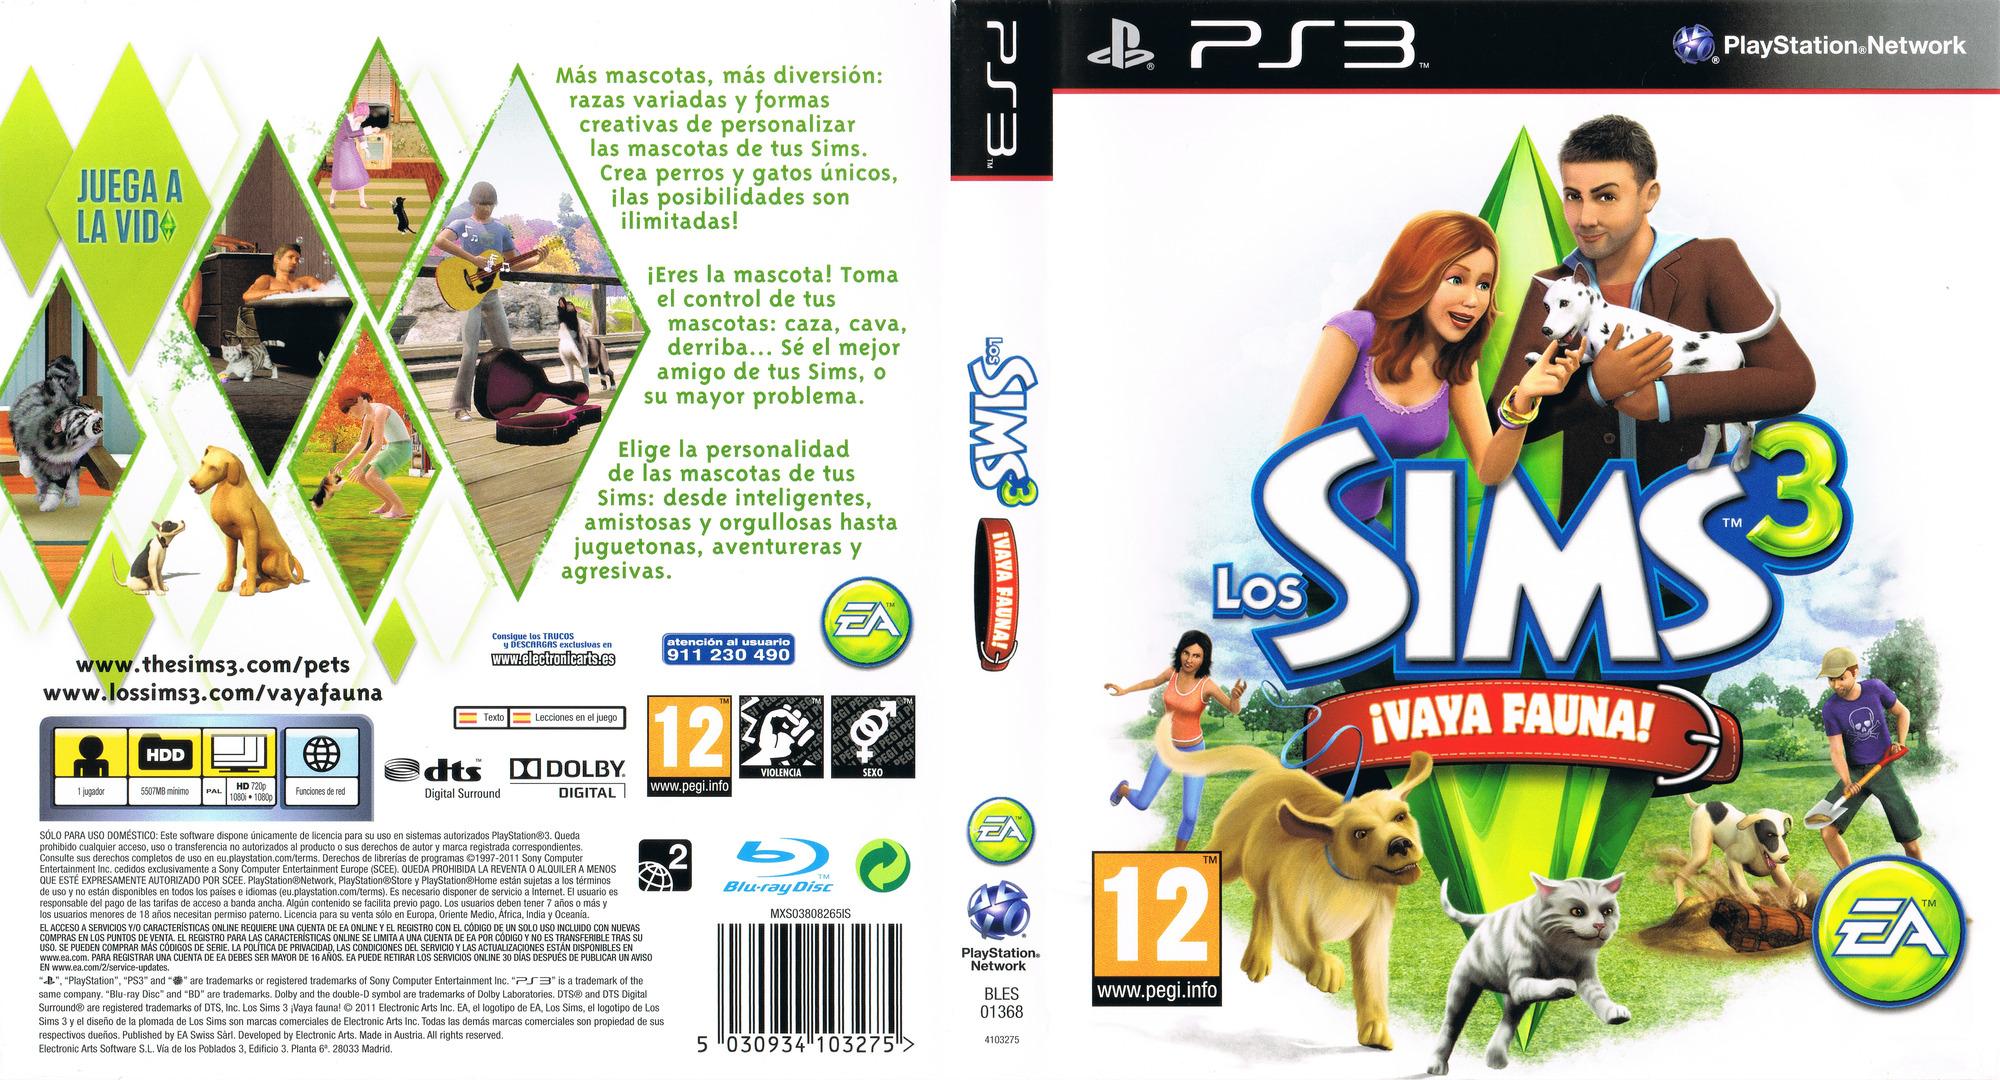 Los Sims 3: ¡Vaya Fauna! PS3 coverfullHQ (BLES01368)